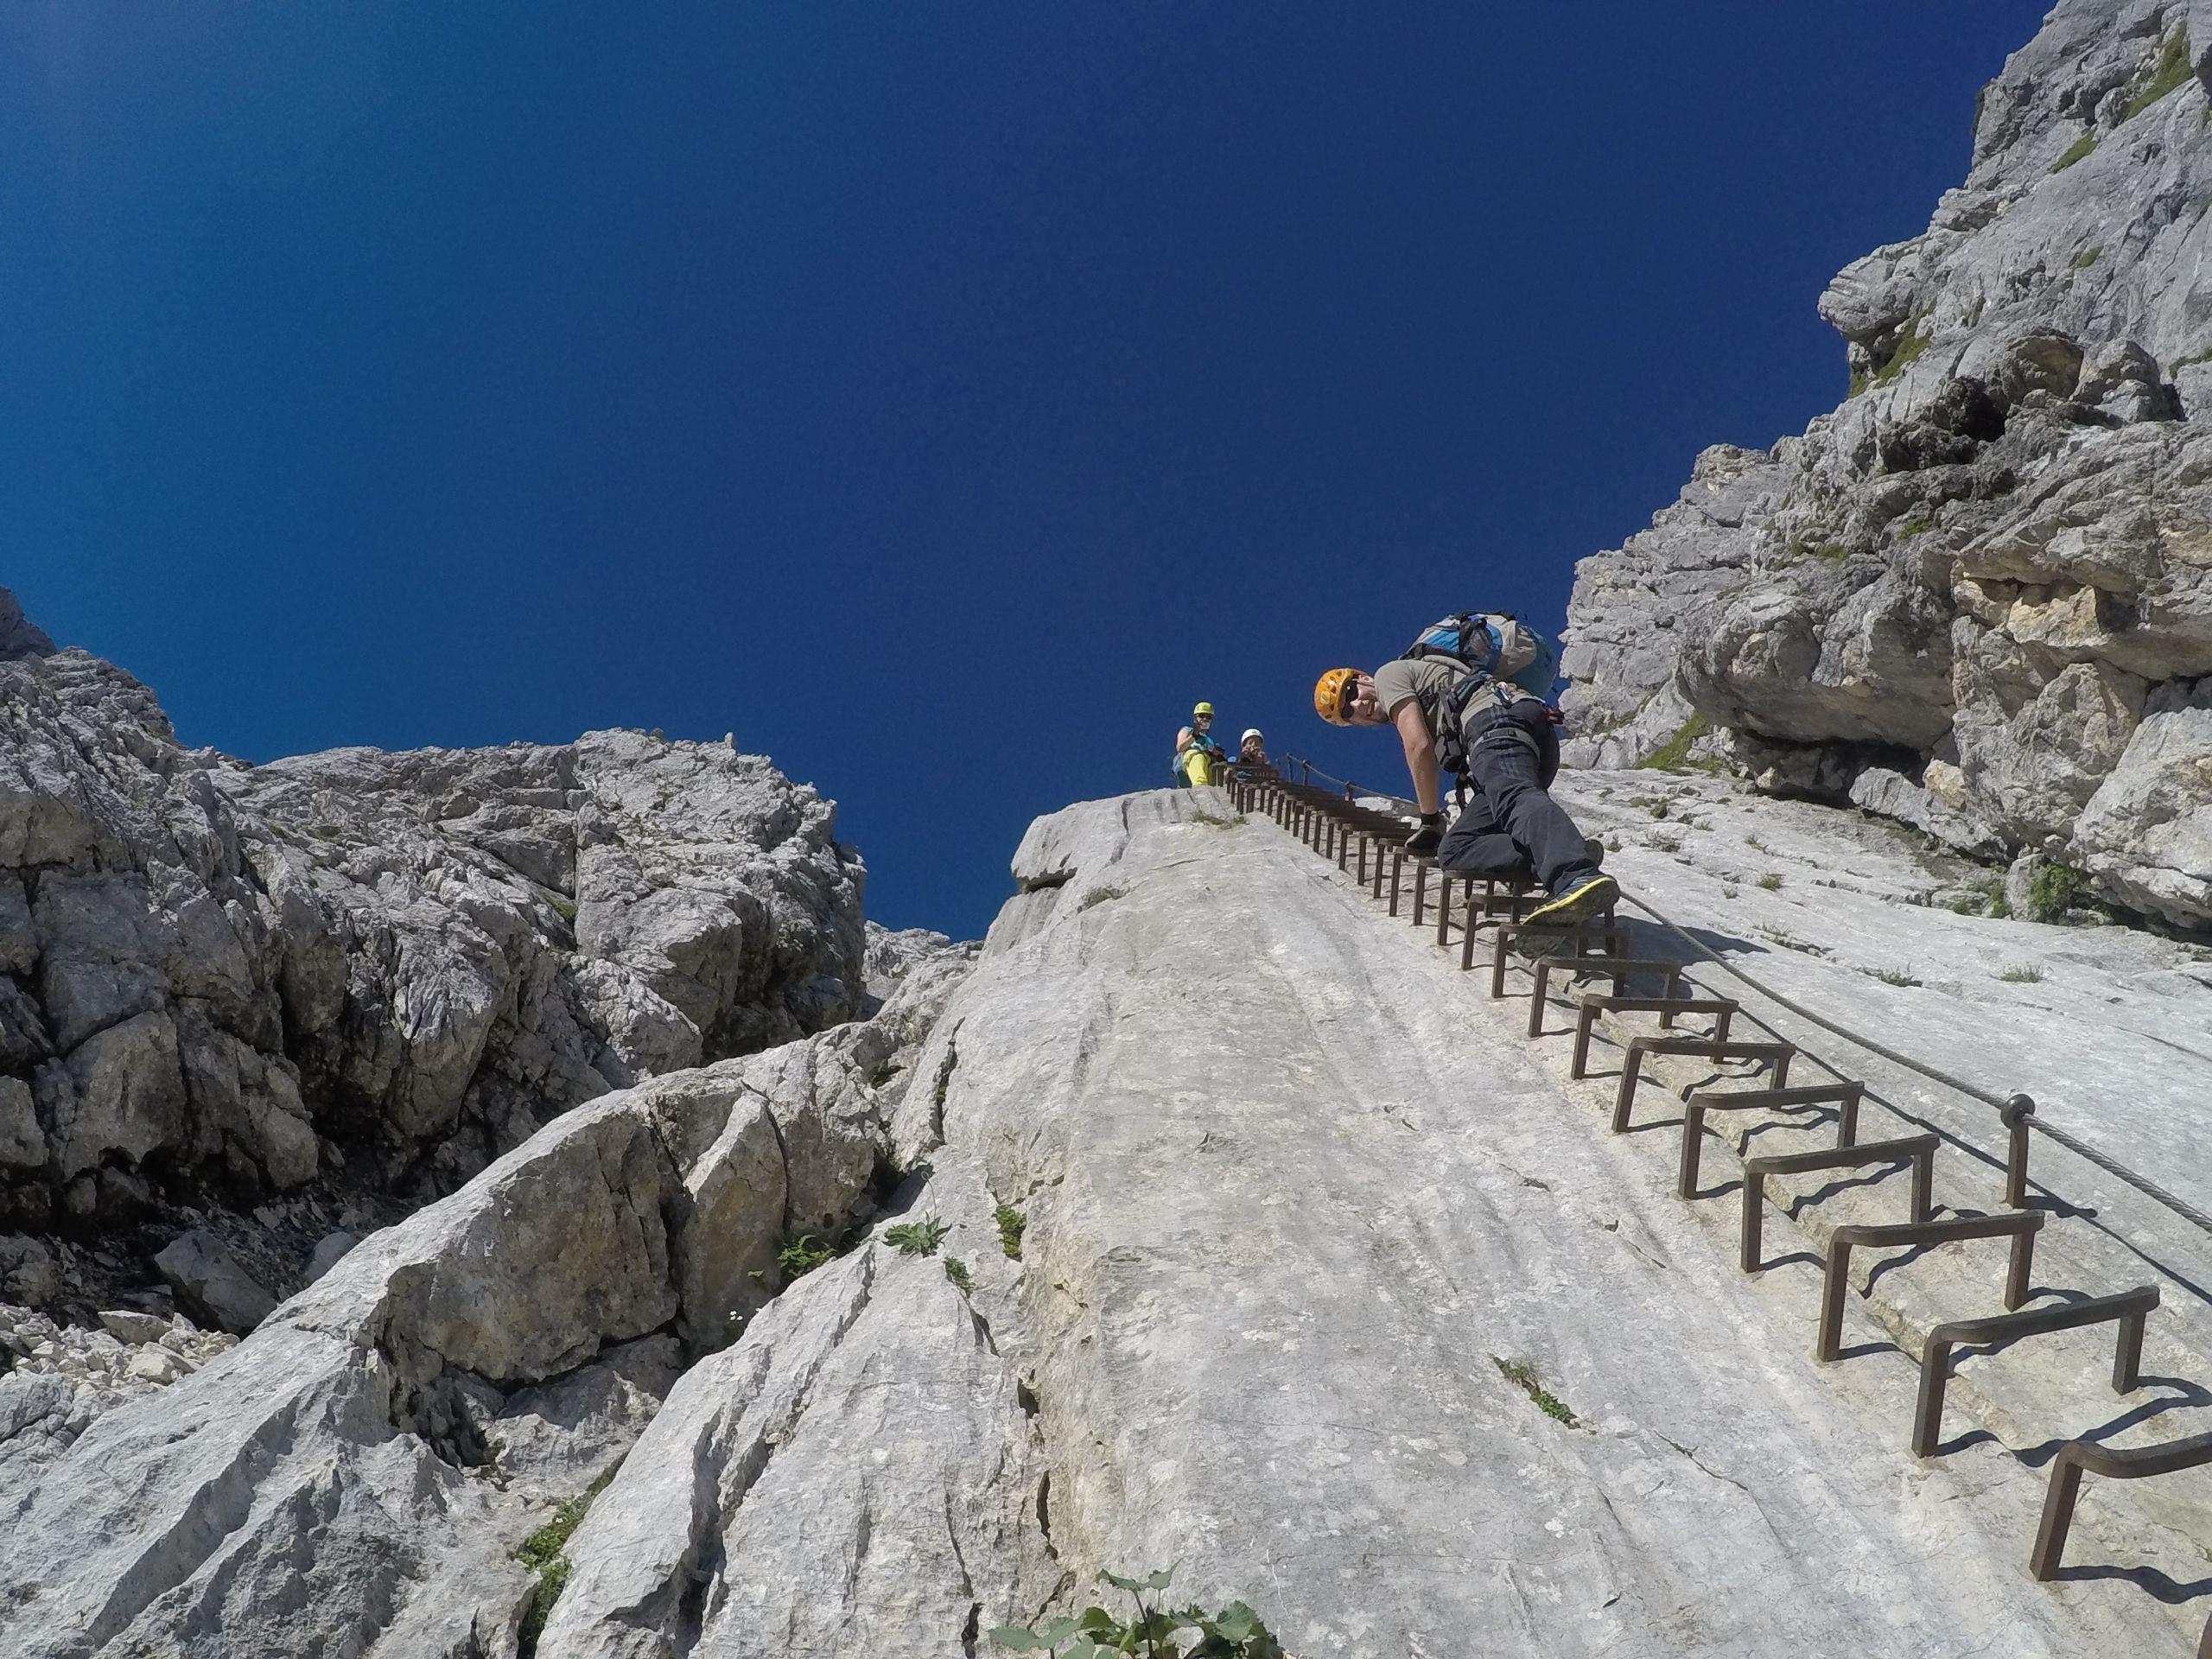 Klettersteig Alpspitze - die lange Klammernreihe zu Beginn ...